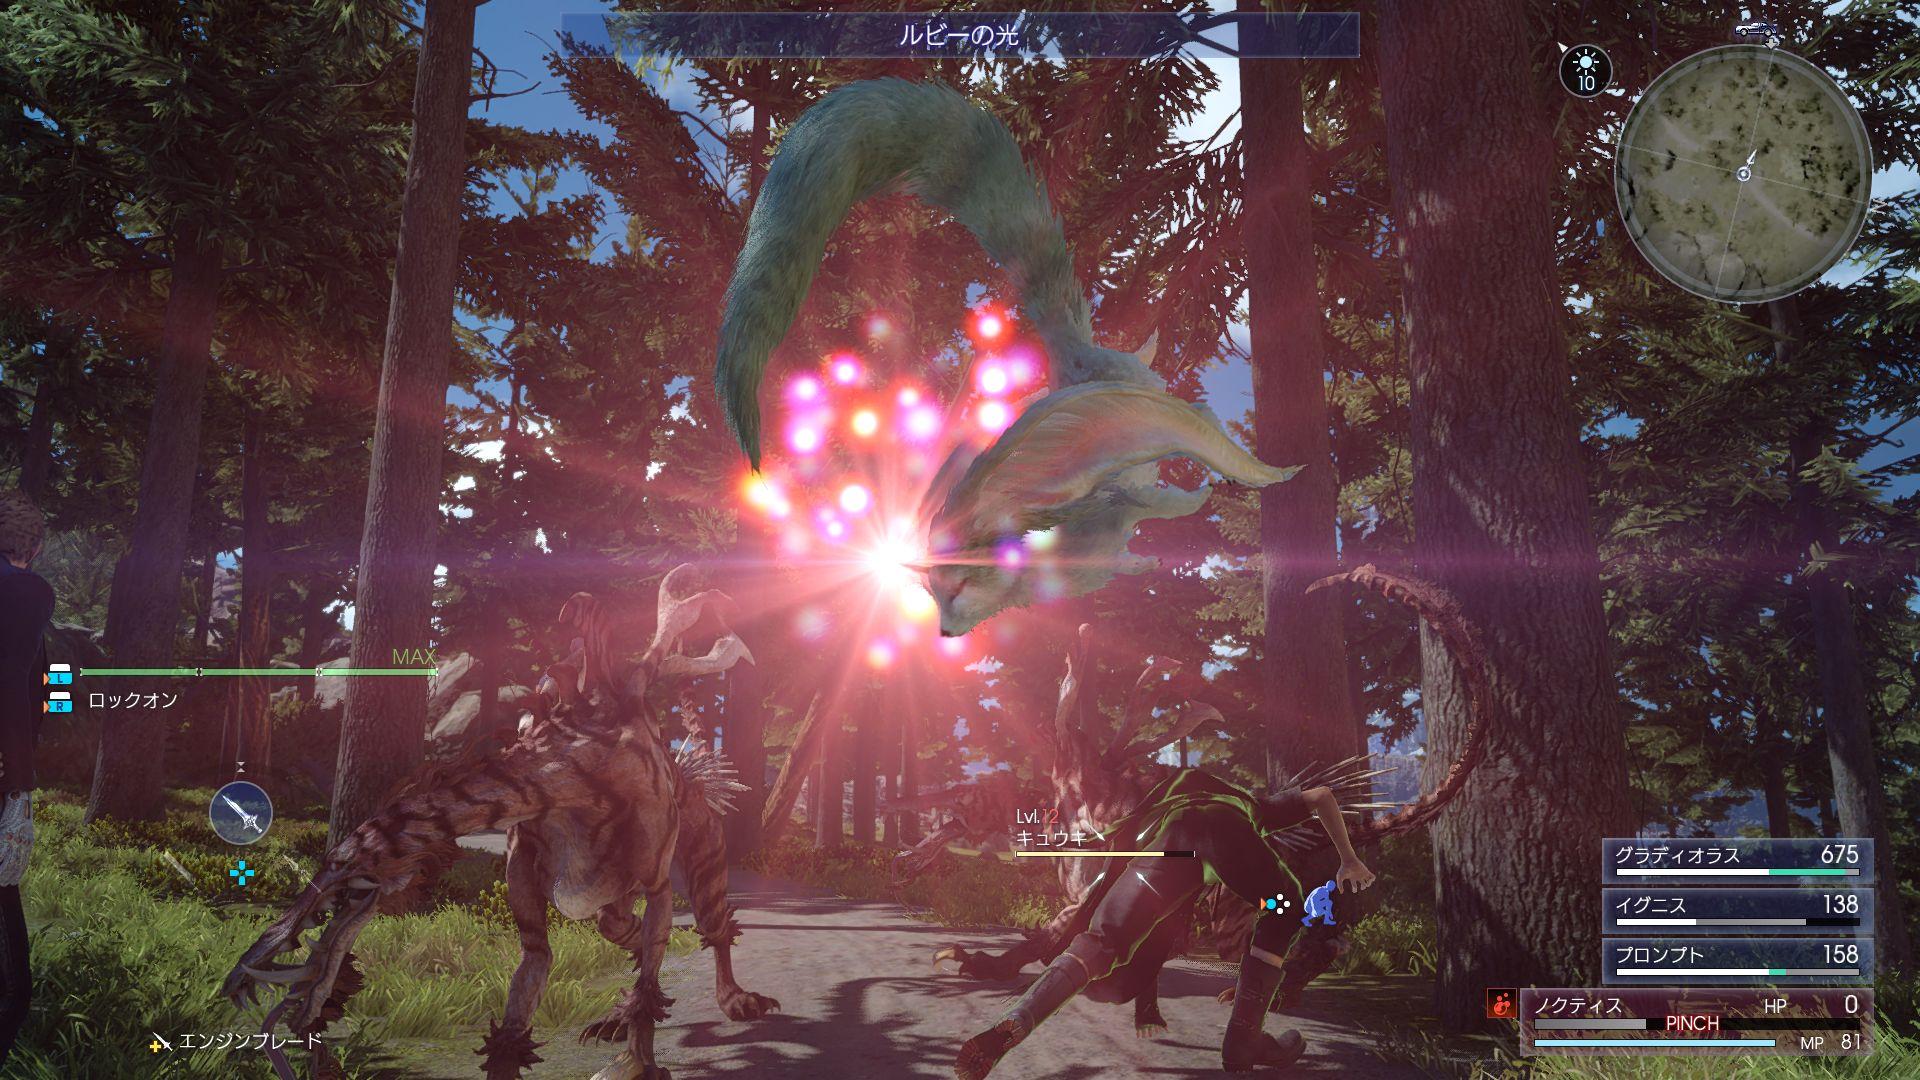 Magie, kouzelné prsteny a démoni ve Final Fantasy XV 132855